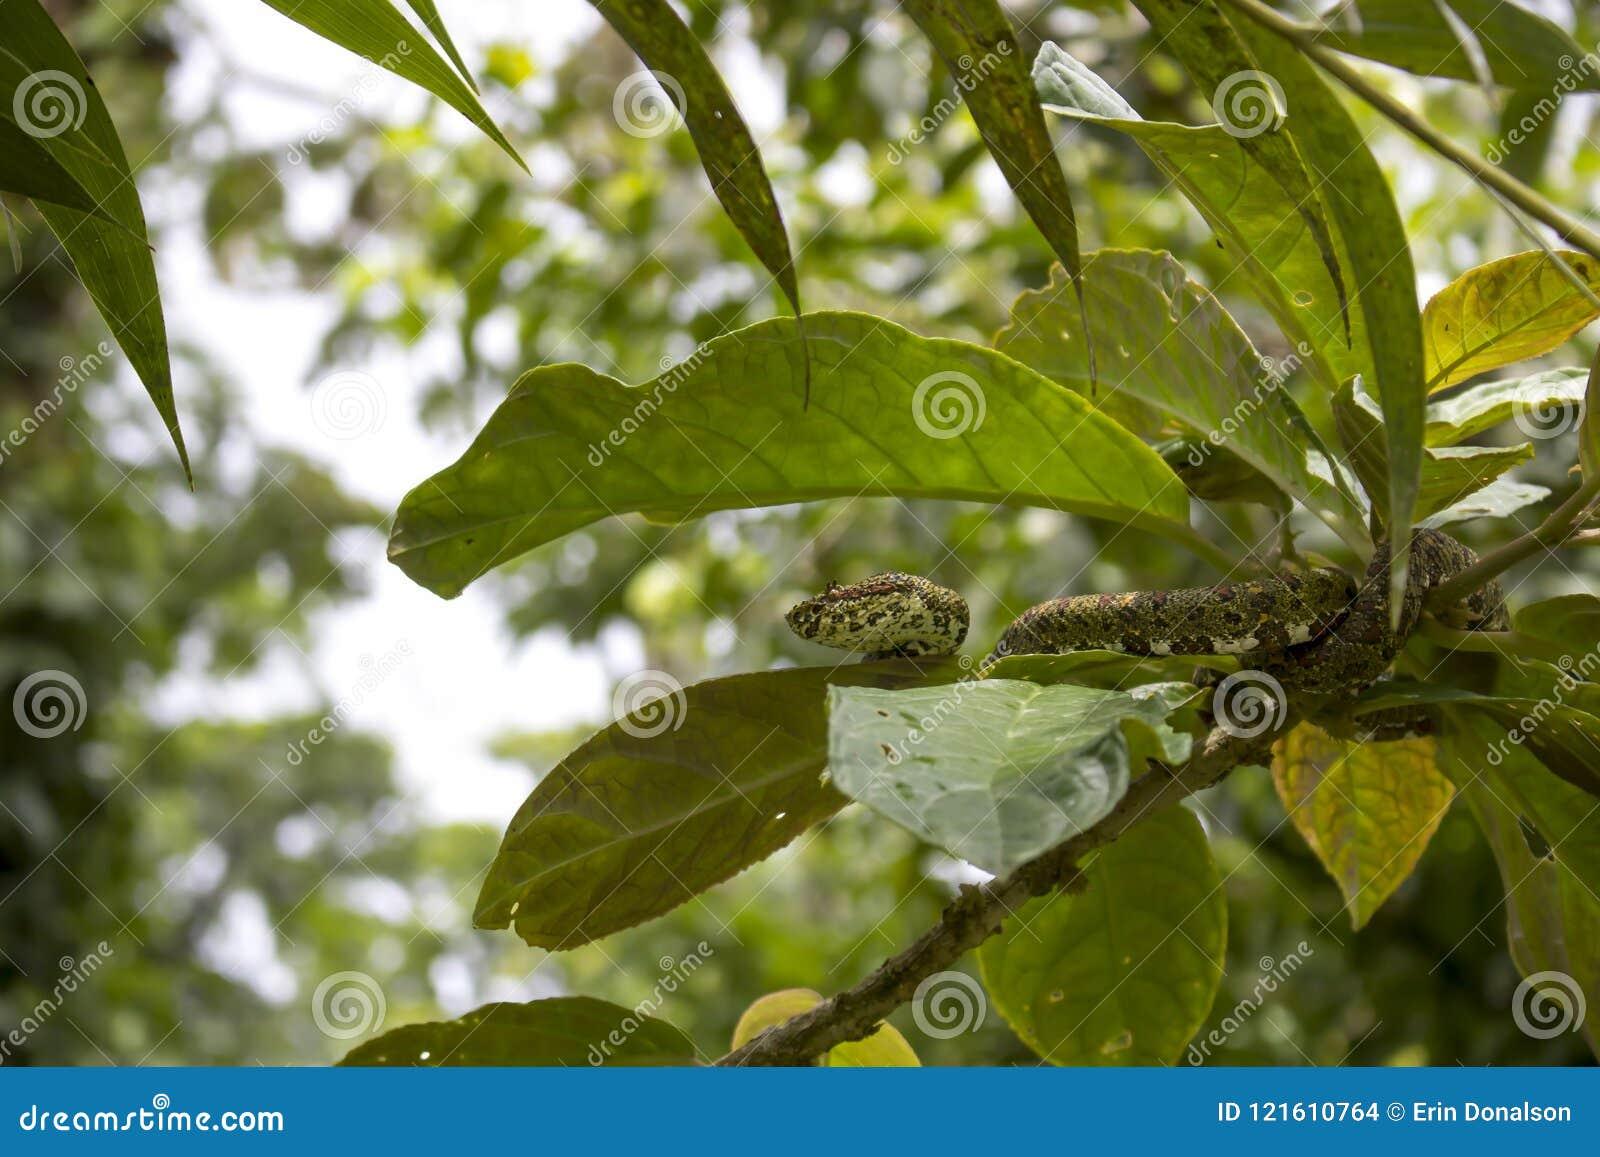 Serpiente venenosa de la víbora de la pestaña en árbol de la selva